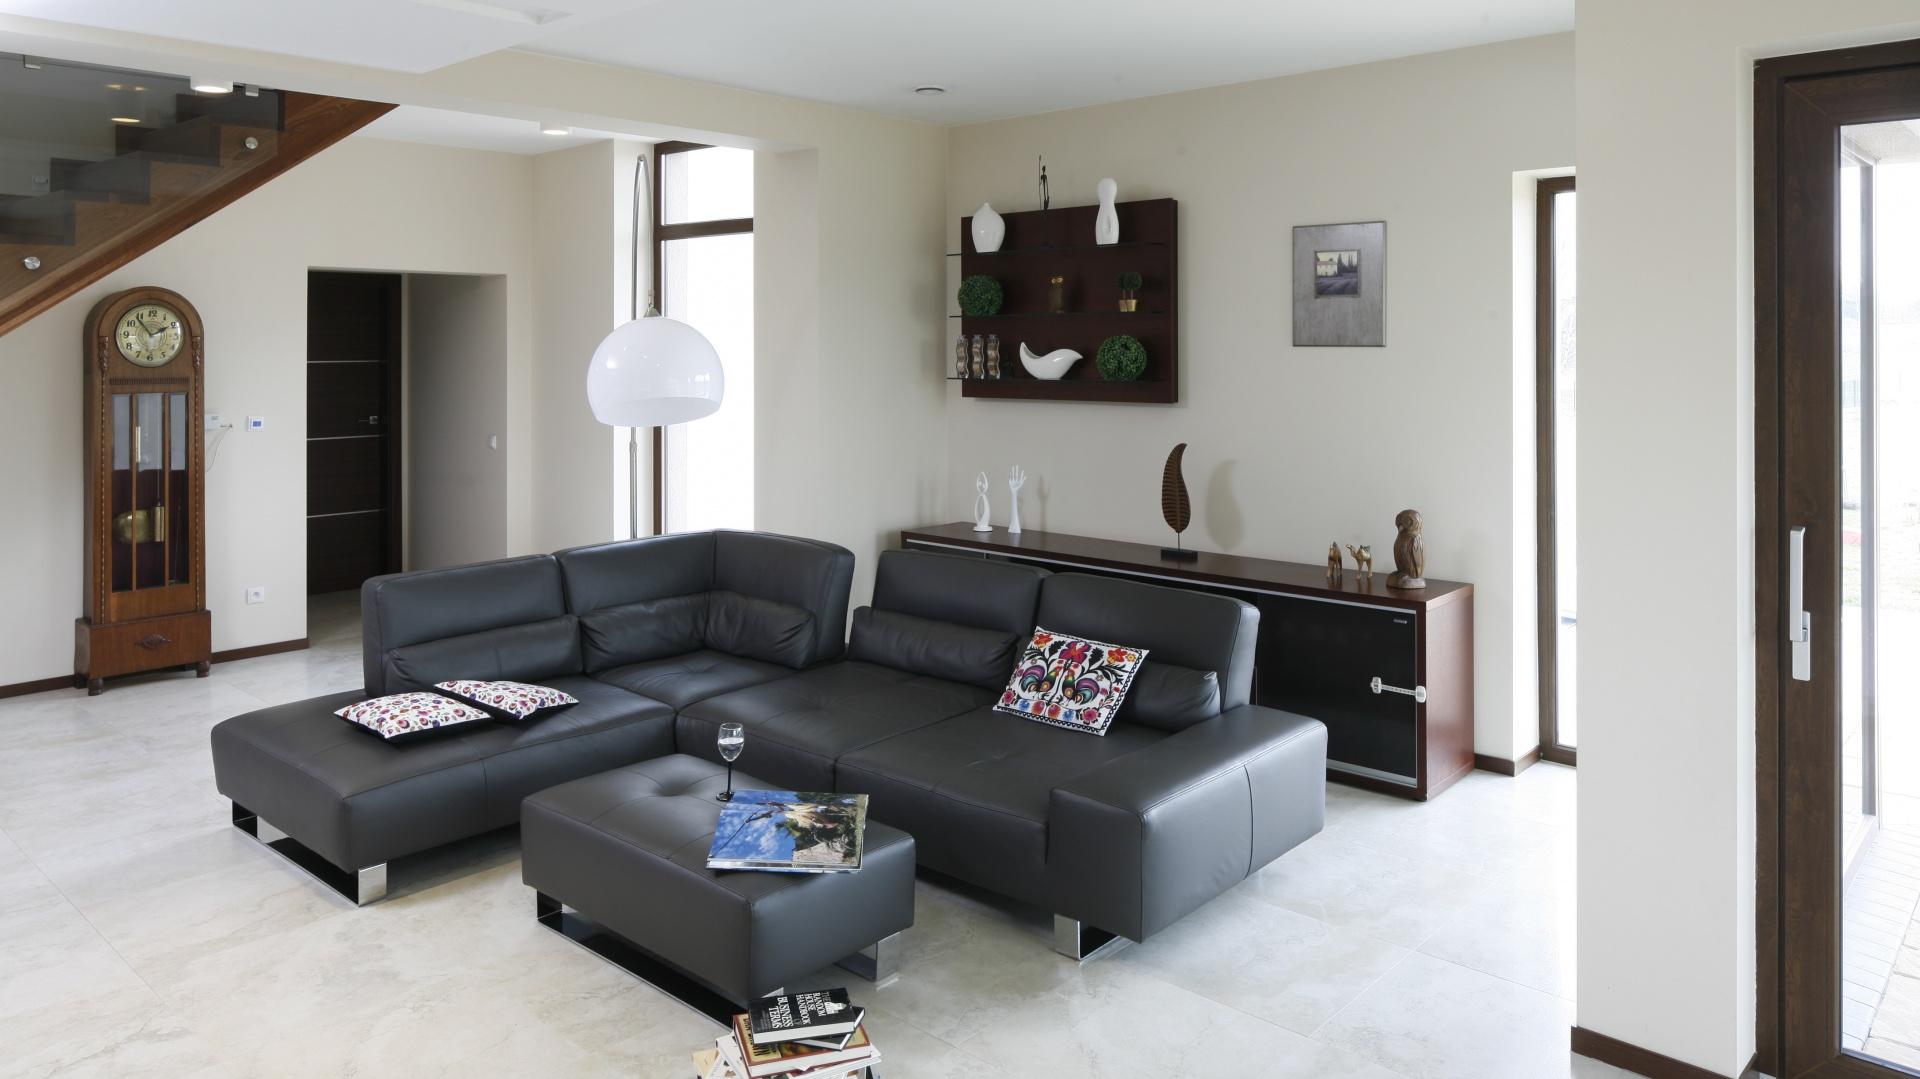 Wnętrze w klasycznym stylu wypełniły eleganckie, czarne meble. Projekt: Piotr Stanisz. Fot. Bartosz Jarosz